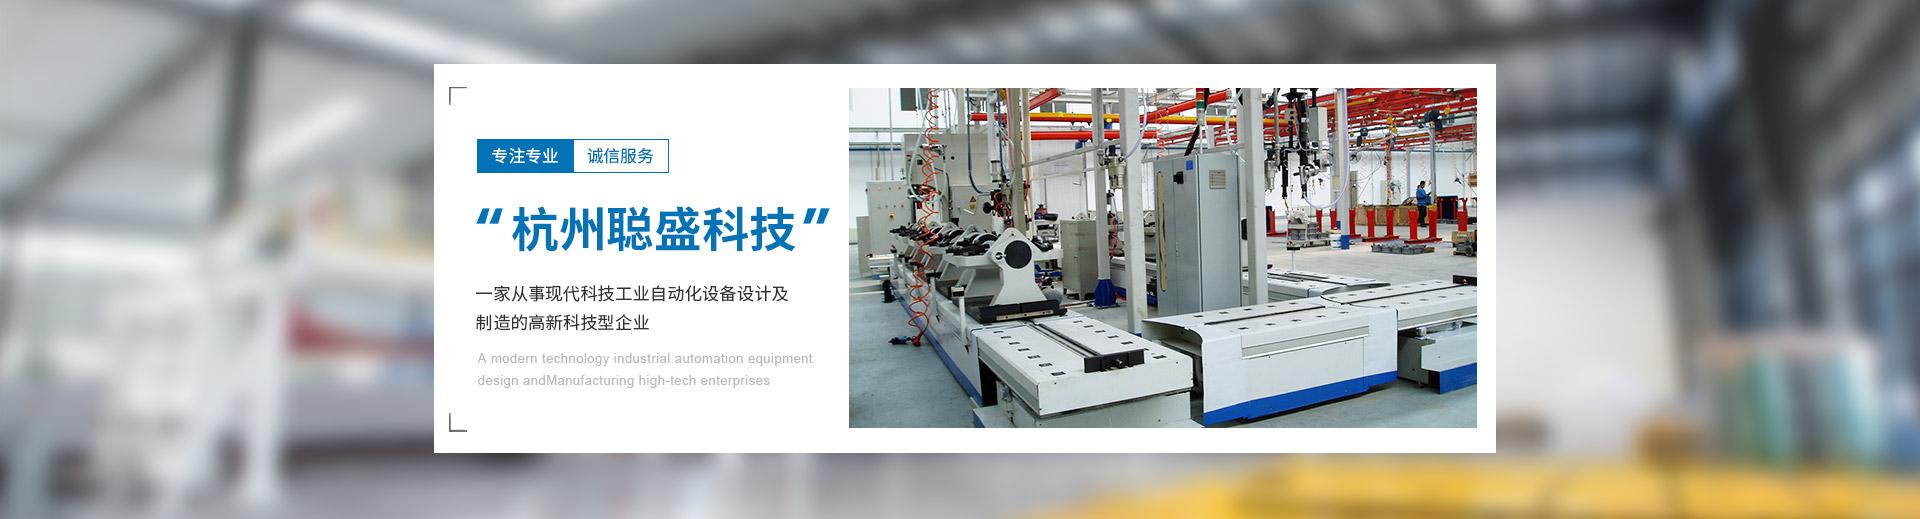 杭州聰盛科技有限公司